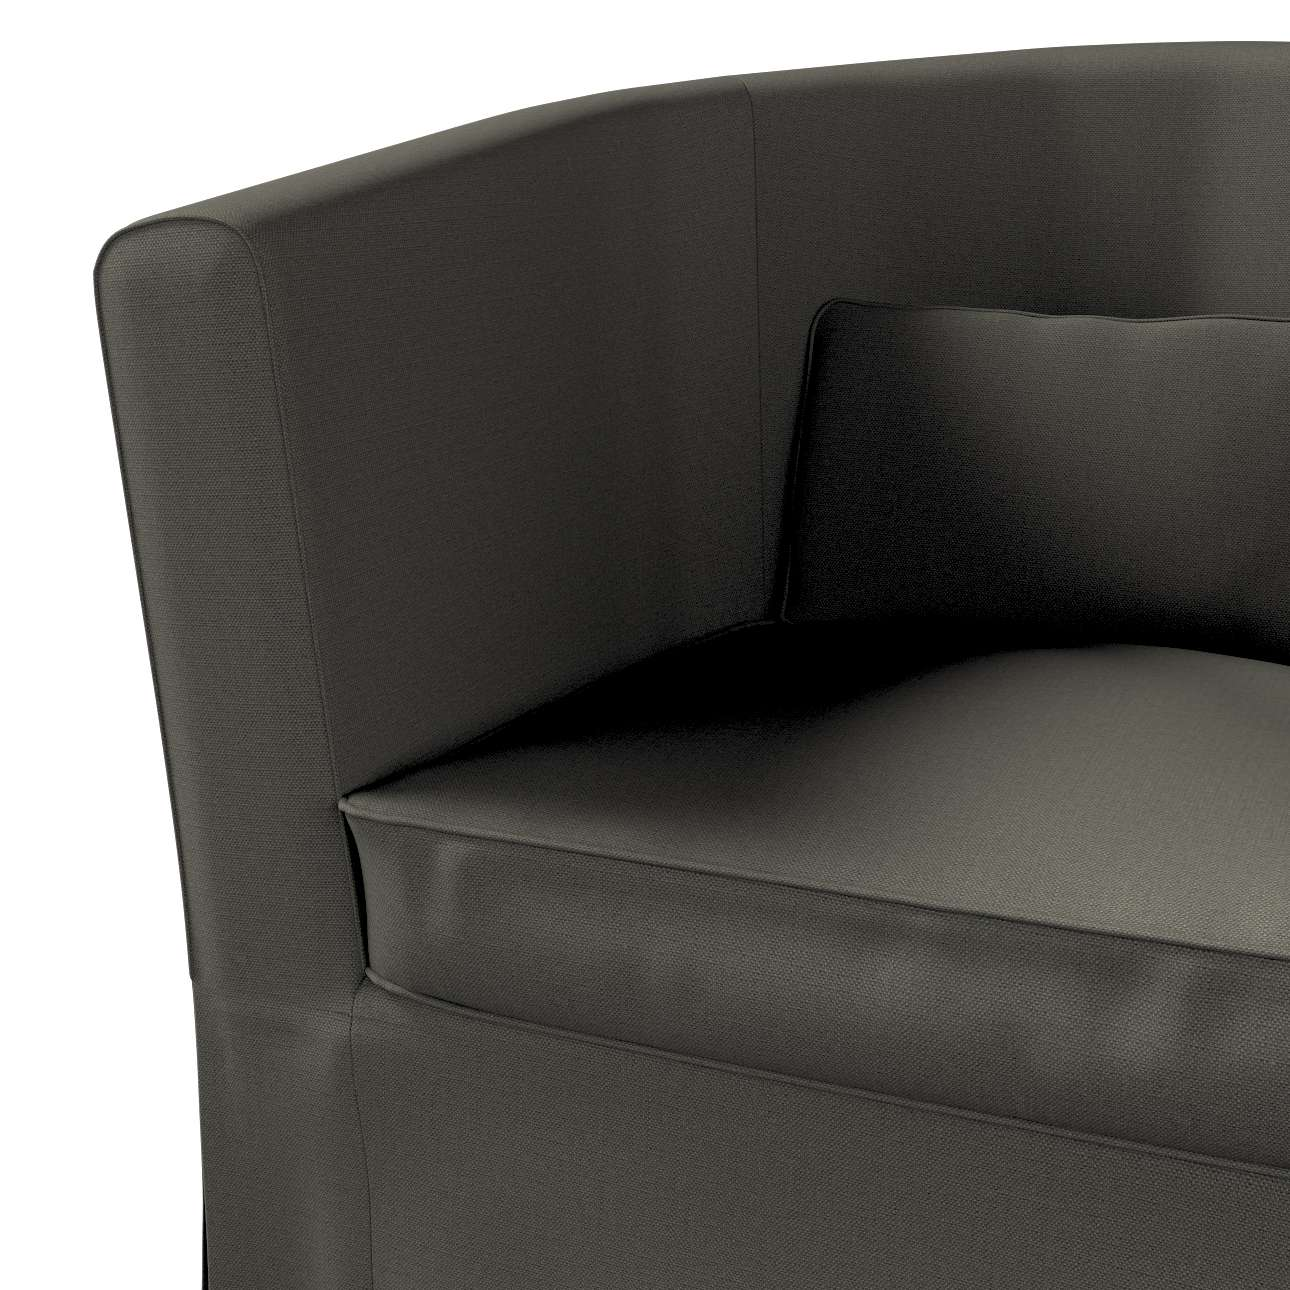 Pokrowiec na fotel Ektorp Tullsta w kolekcji Living, tkanina: 161-55